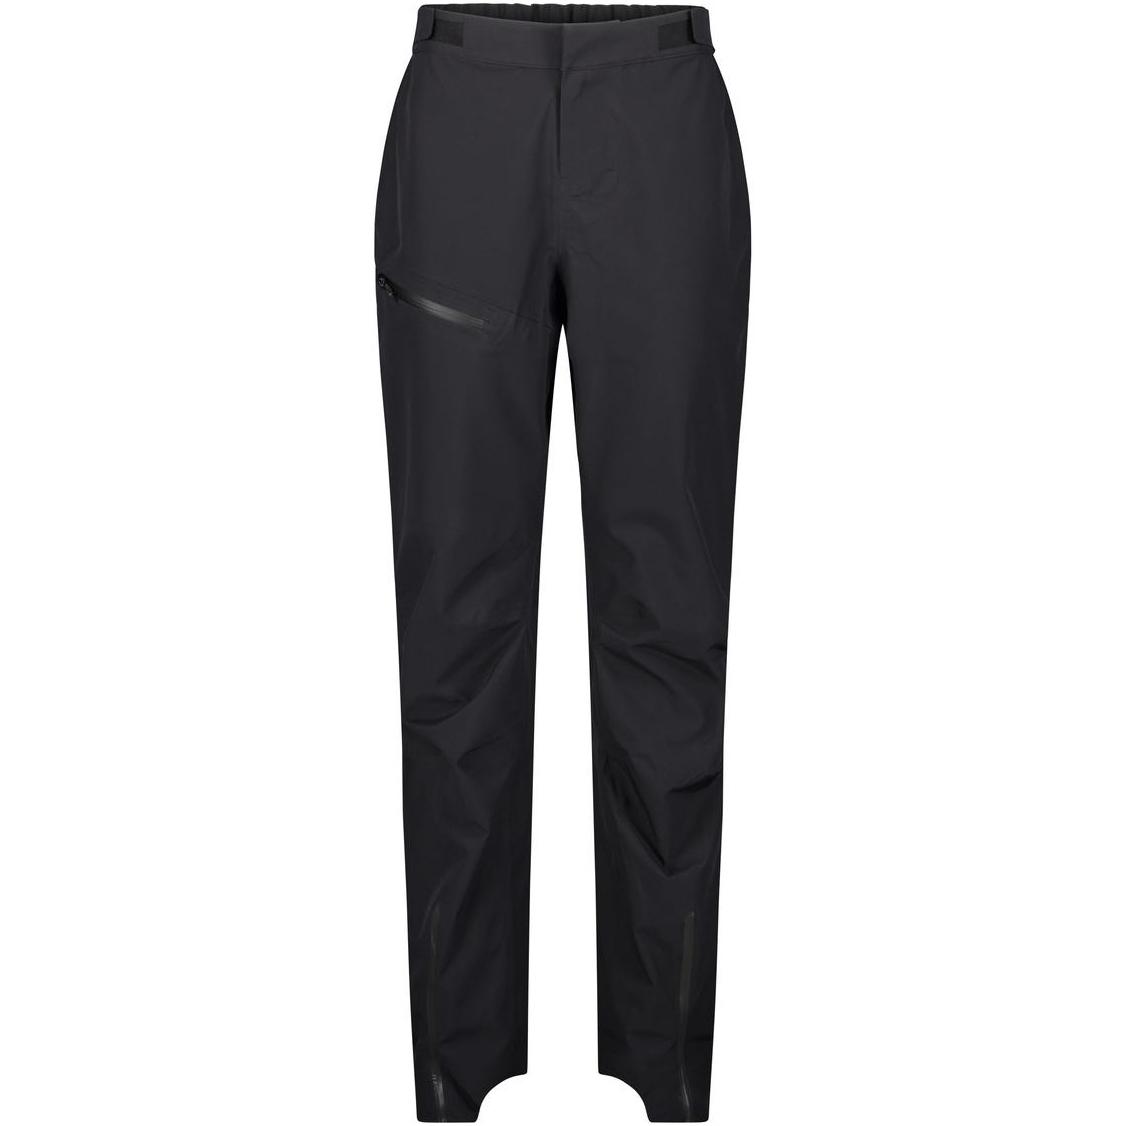 AGU Commuter Premium 3L Rain Pants - black